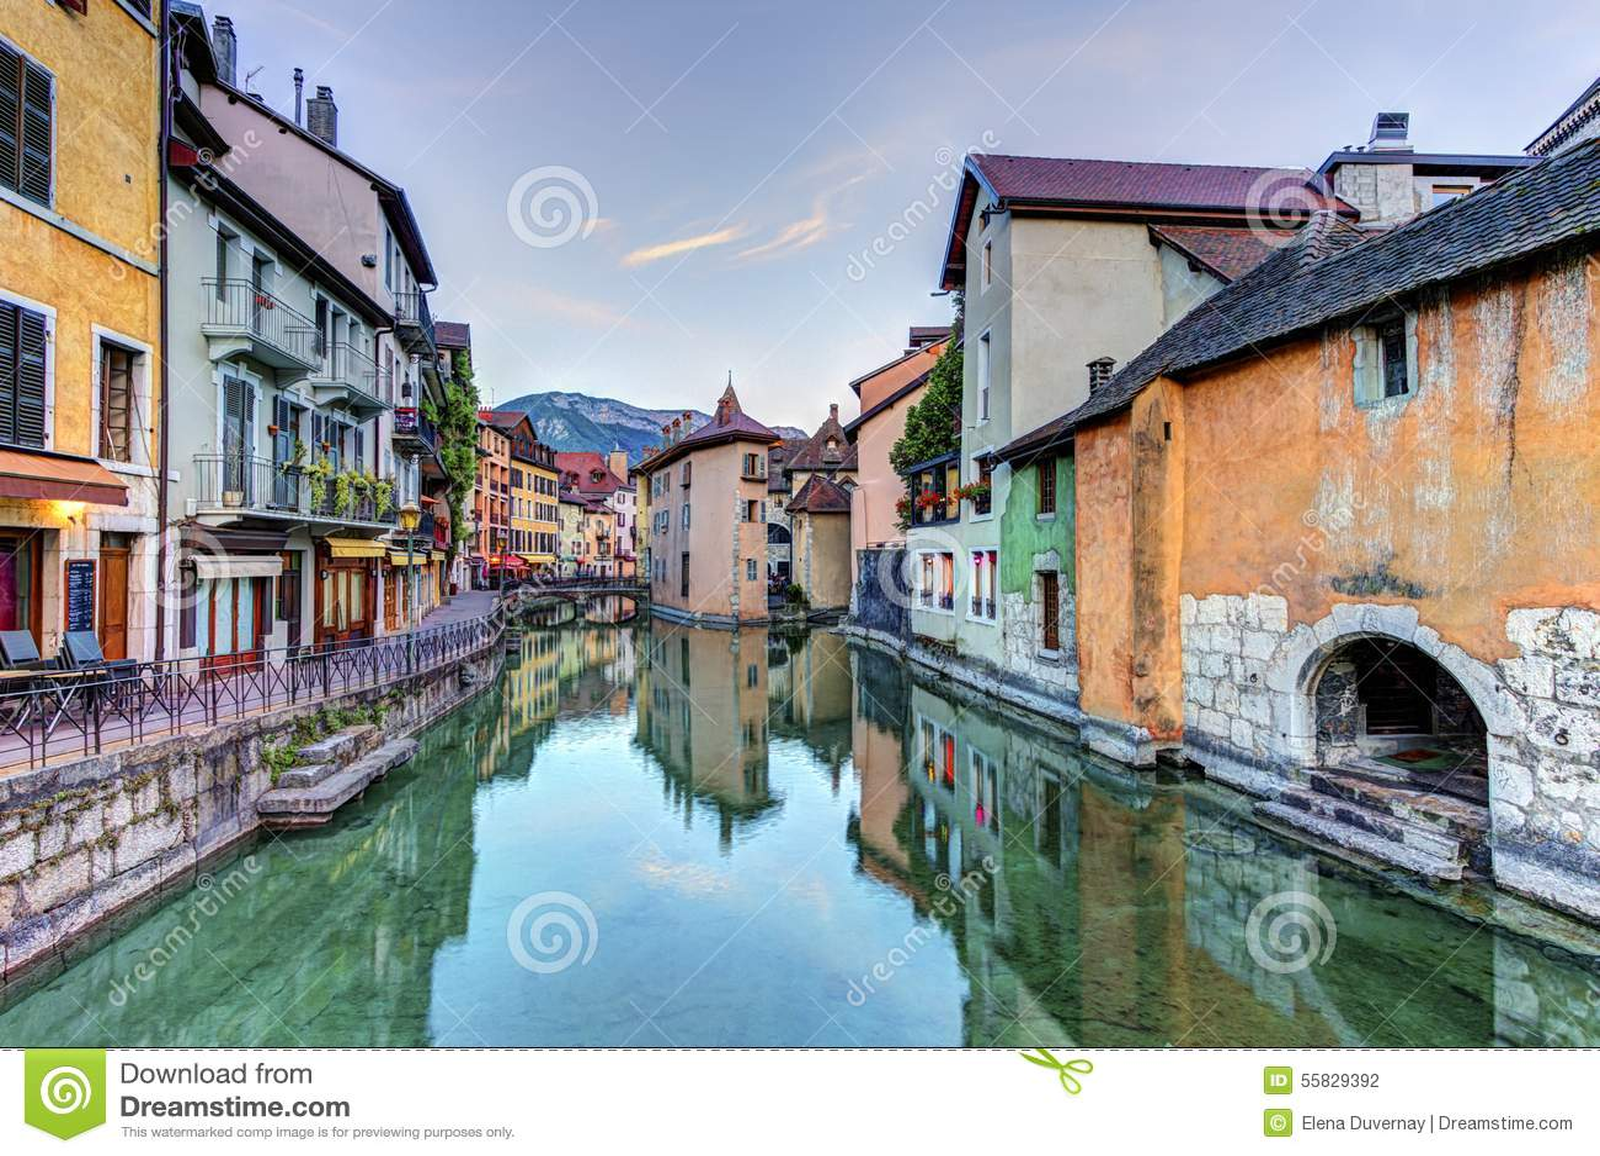 Quai de l 39 ile et canal dans la vieille ville d 39 annecy for Piscine a annecy